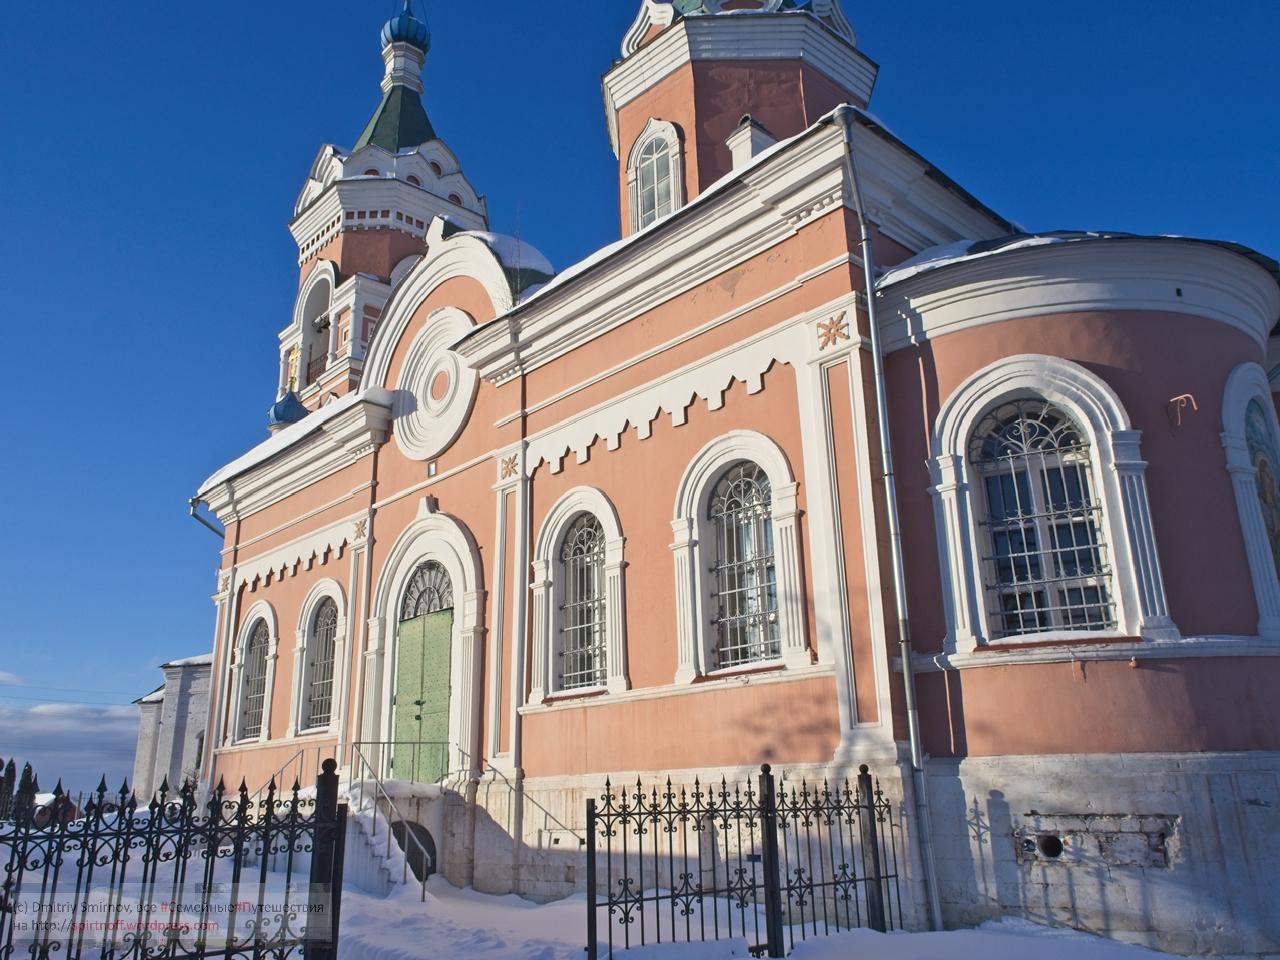 SMI31814-Blog-80 Путешествия  Можайск, про который ничего рассказать, но есть, что показать